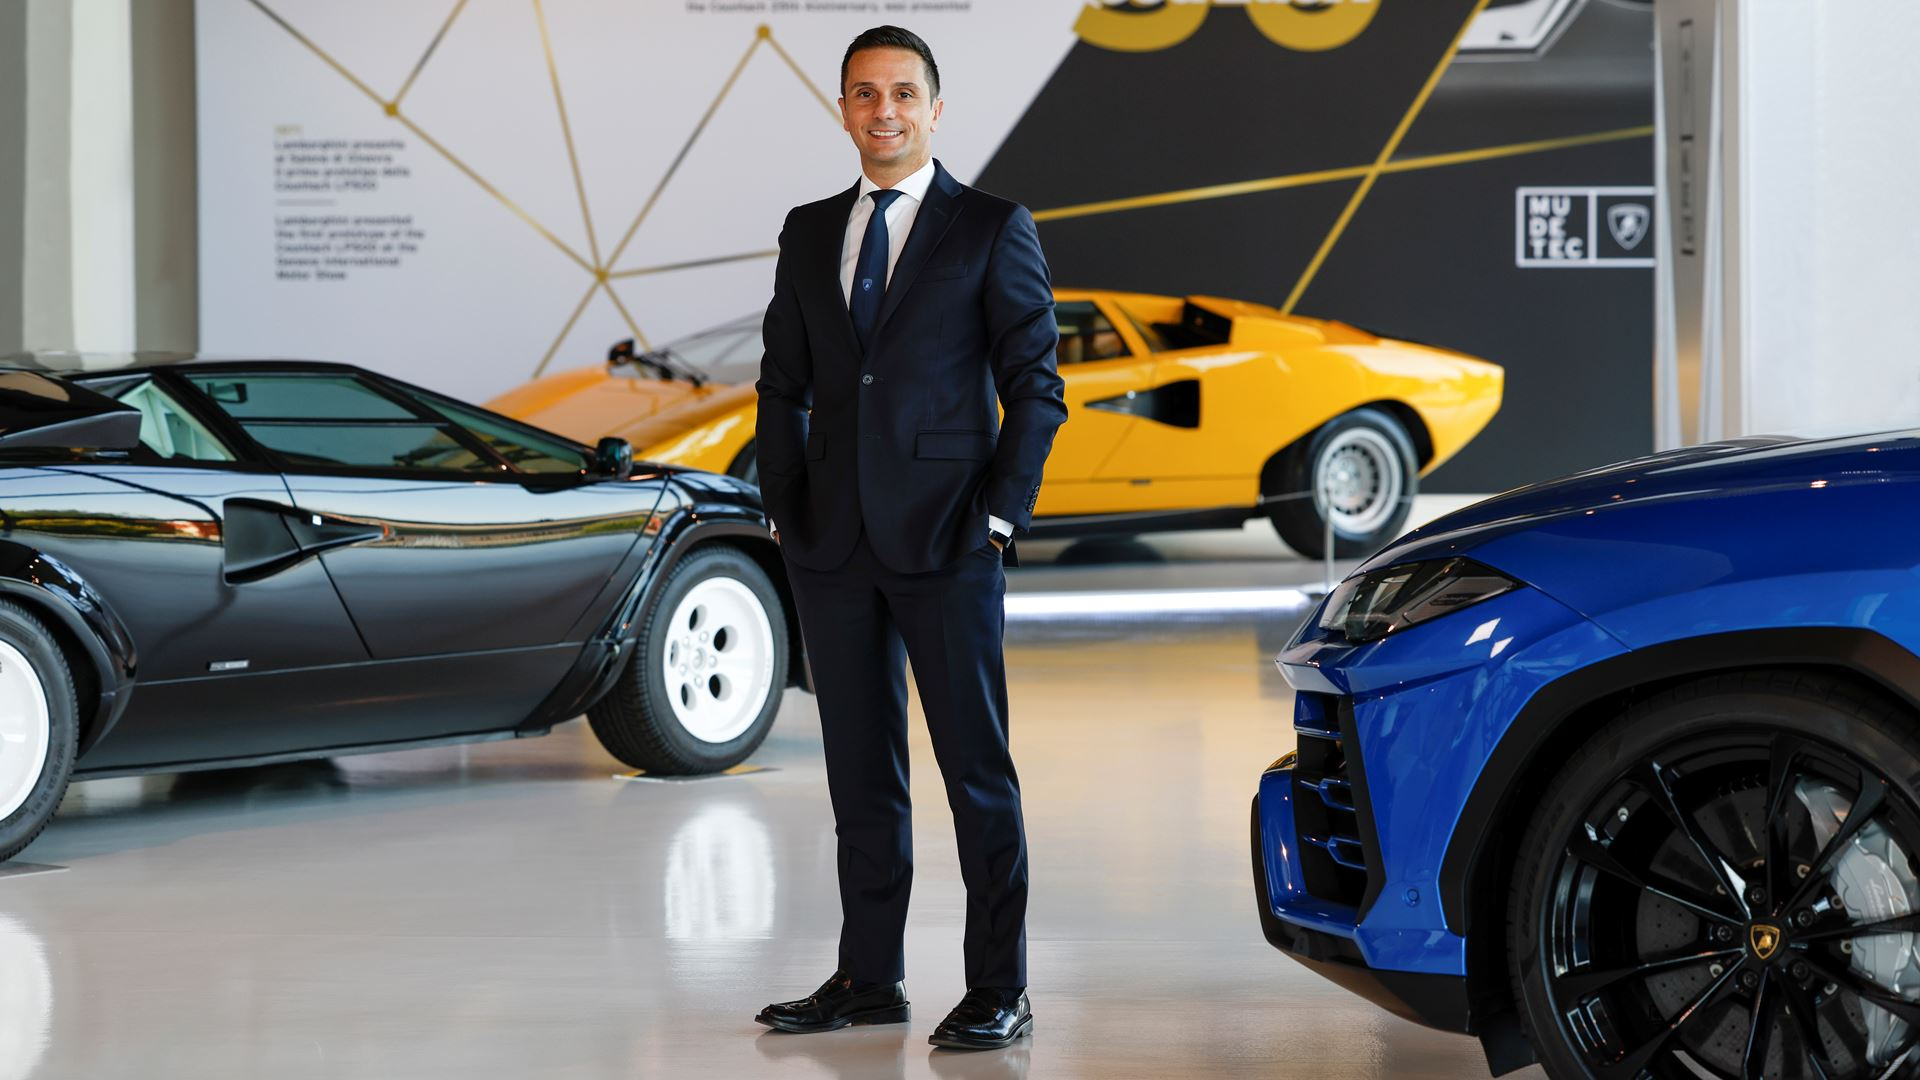 Paolo Gabrielli new Chief Procurement Officer at Automobili Lamborghini - Image 1